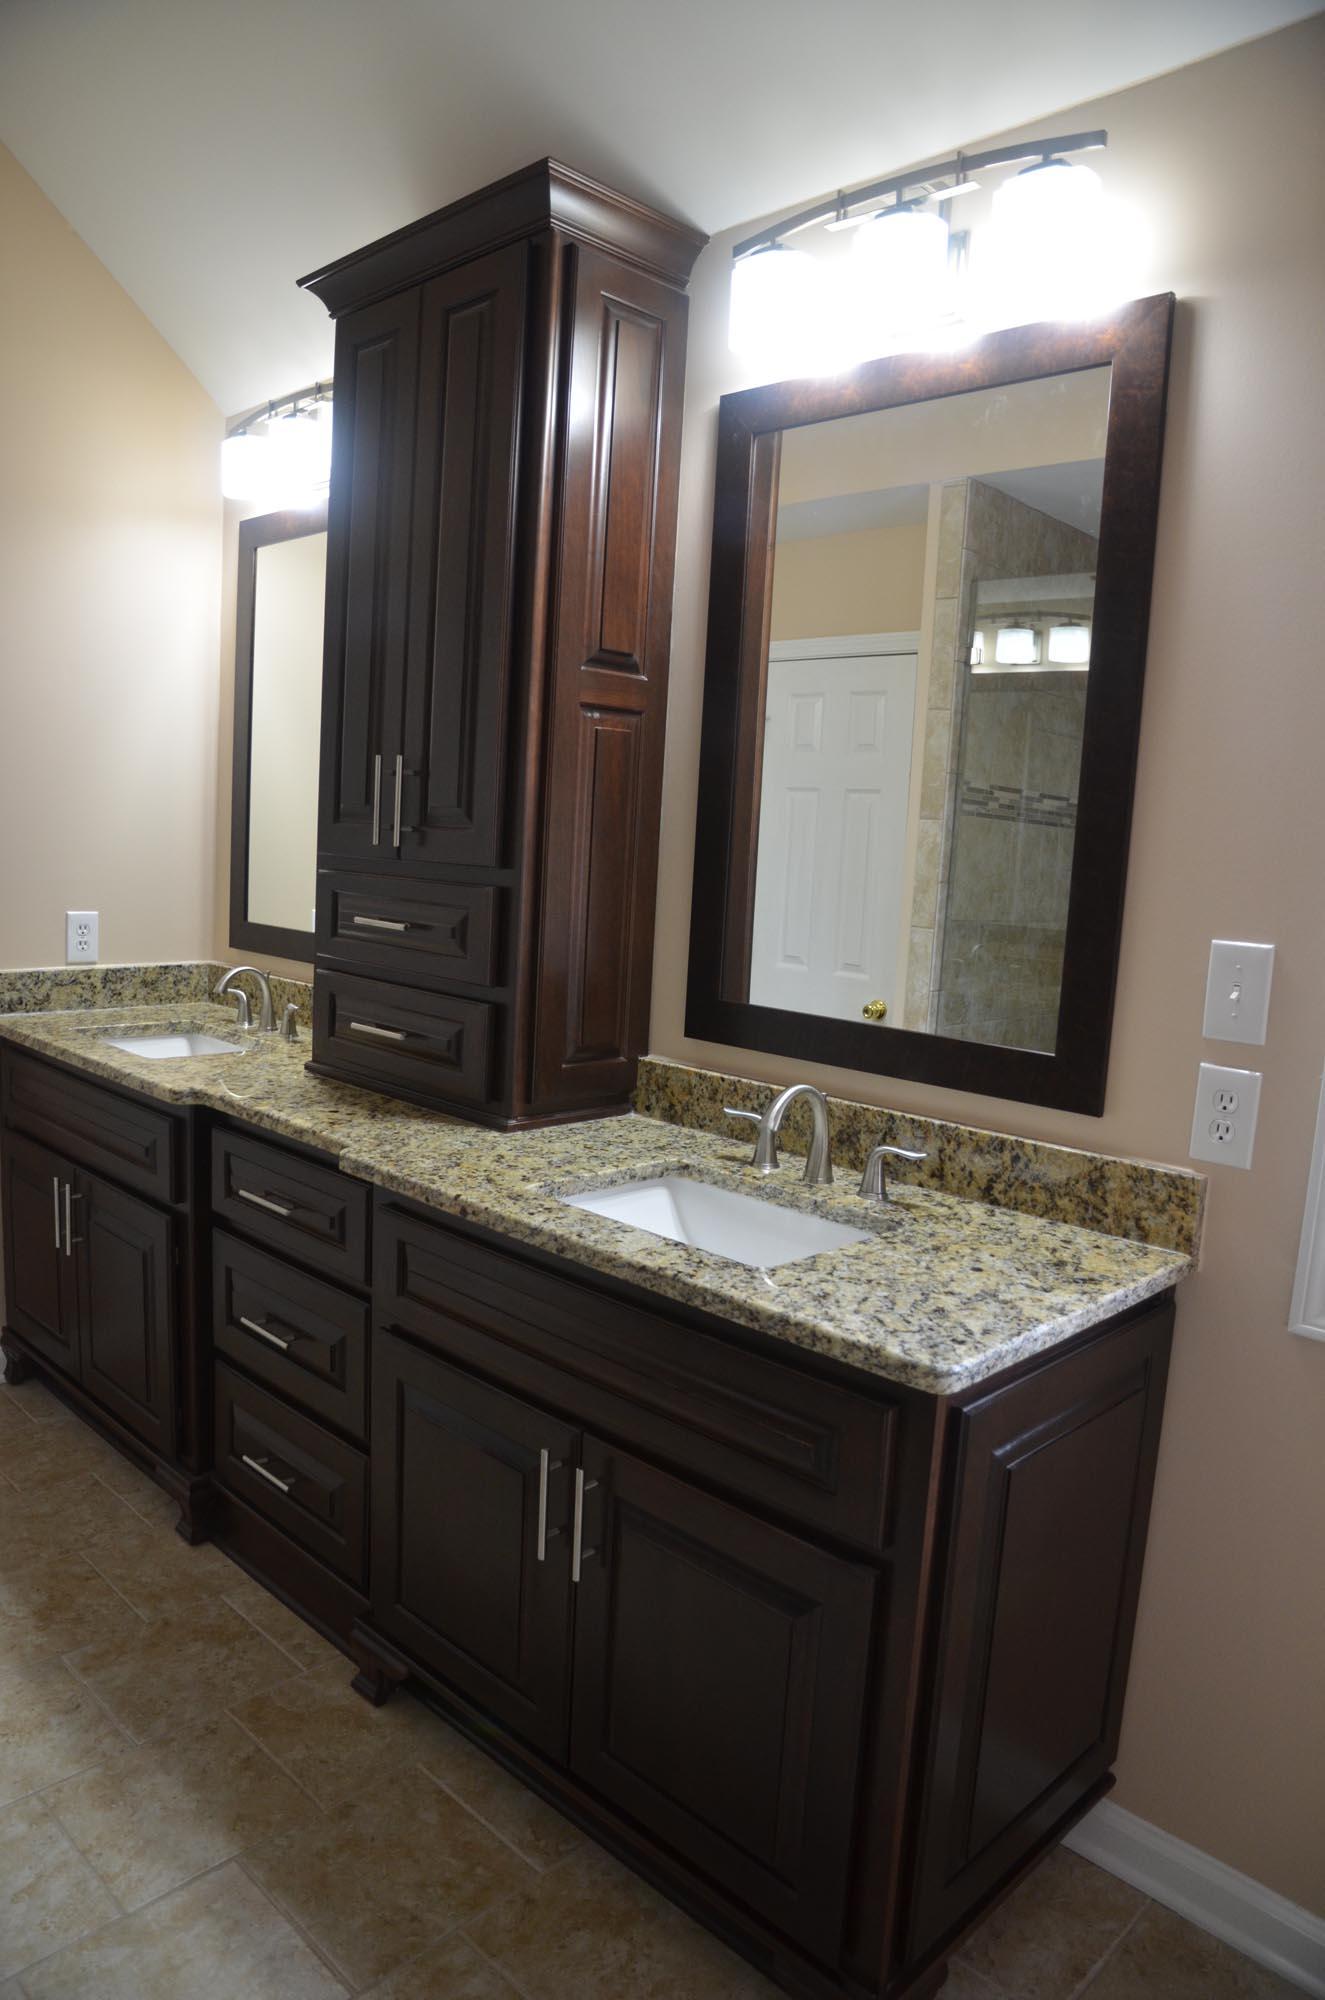 Harrys Home Renovations - Bathroom remodeling lawrenceville ga